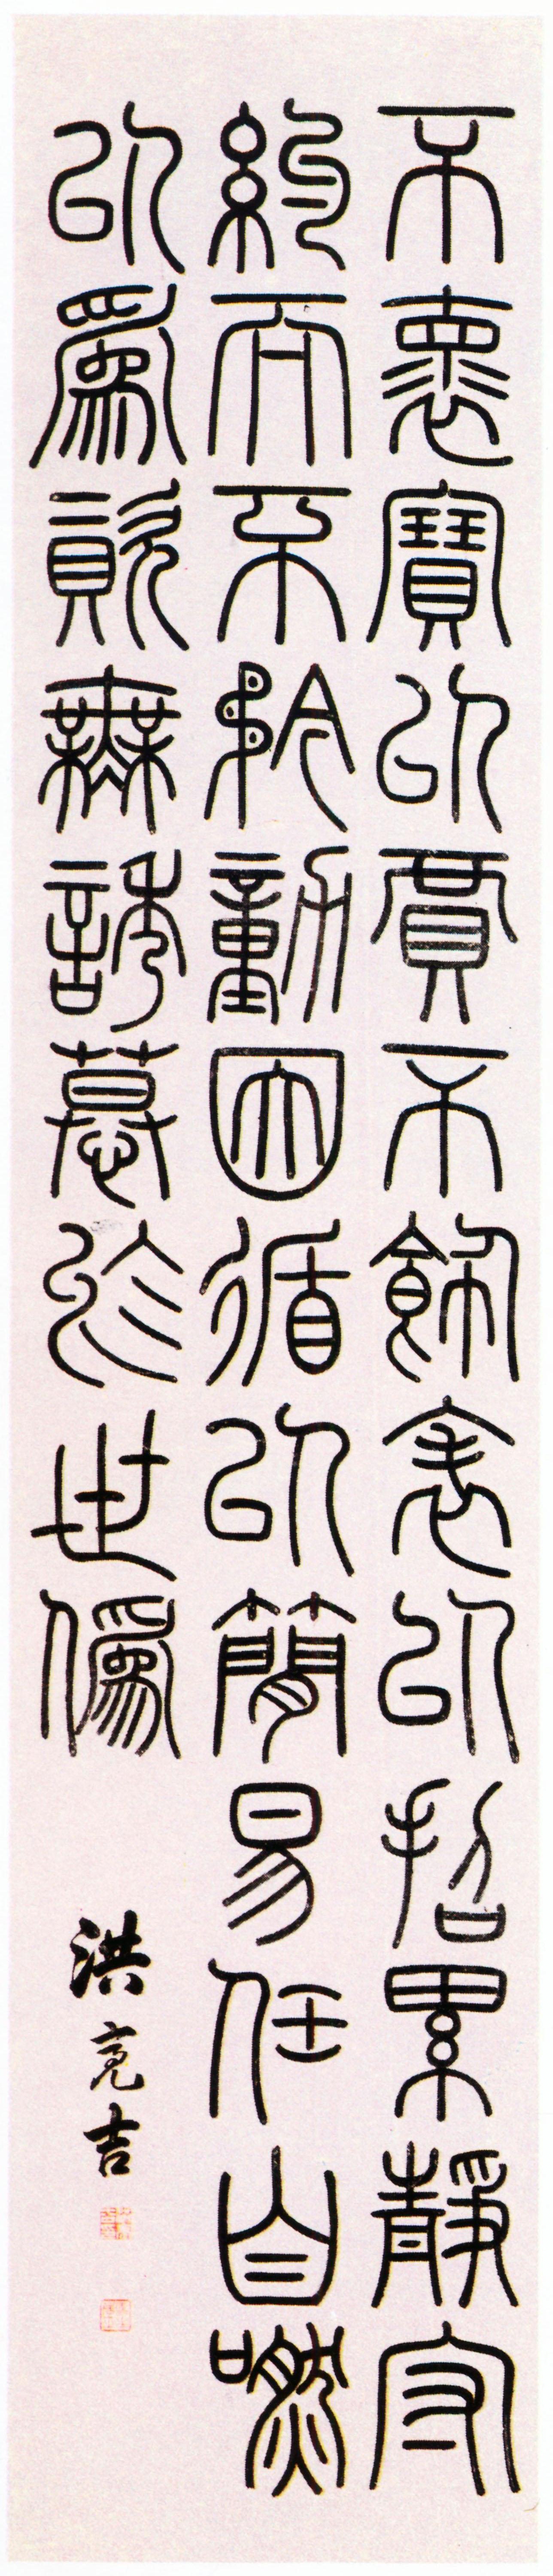 洪亮吉《警句轴》纸本篆书 清代书法 超高清图片